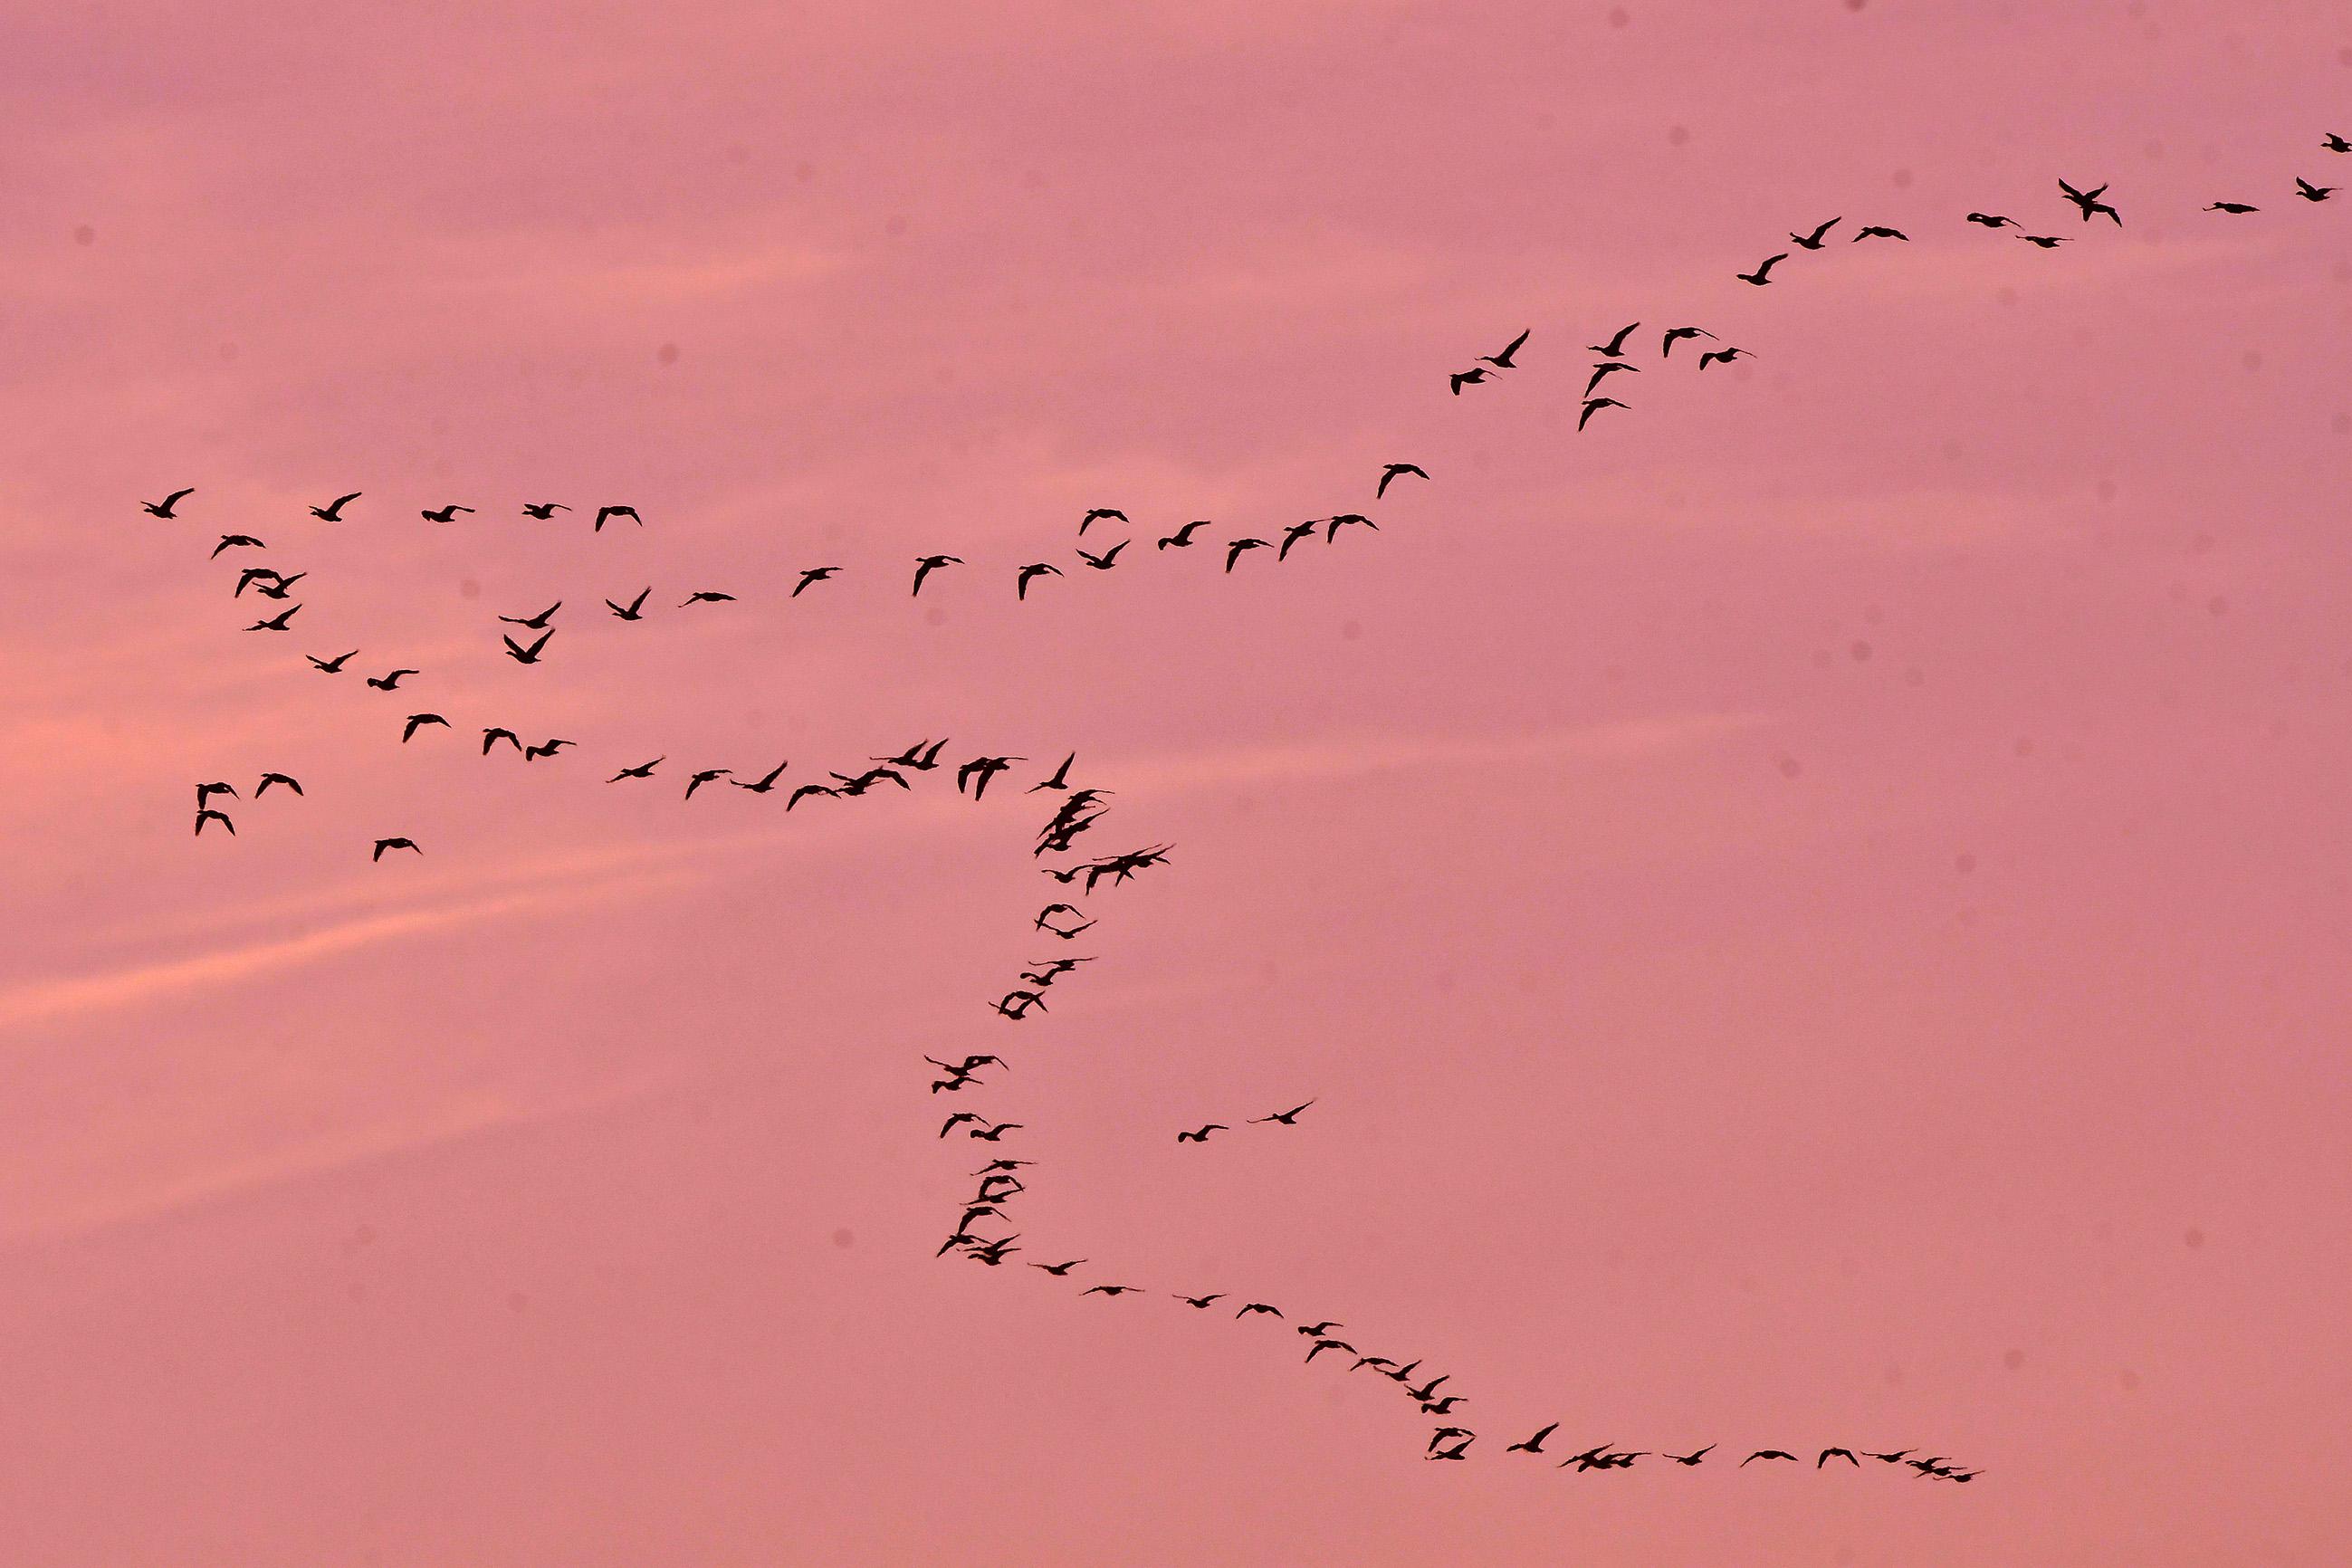 Allemaal ganzen kwamen overvliegen vanaf de Rijn bij Wageningen - Foto's: ©Louis Fraanje